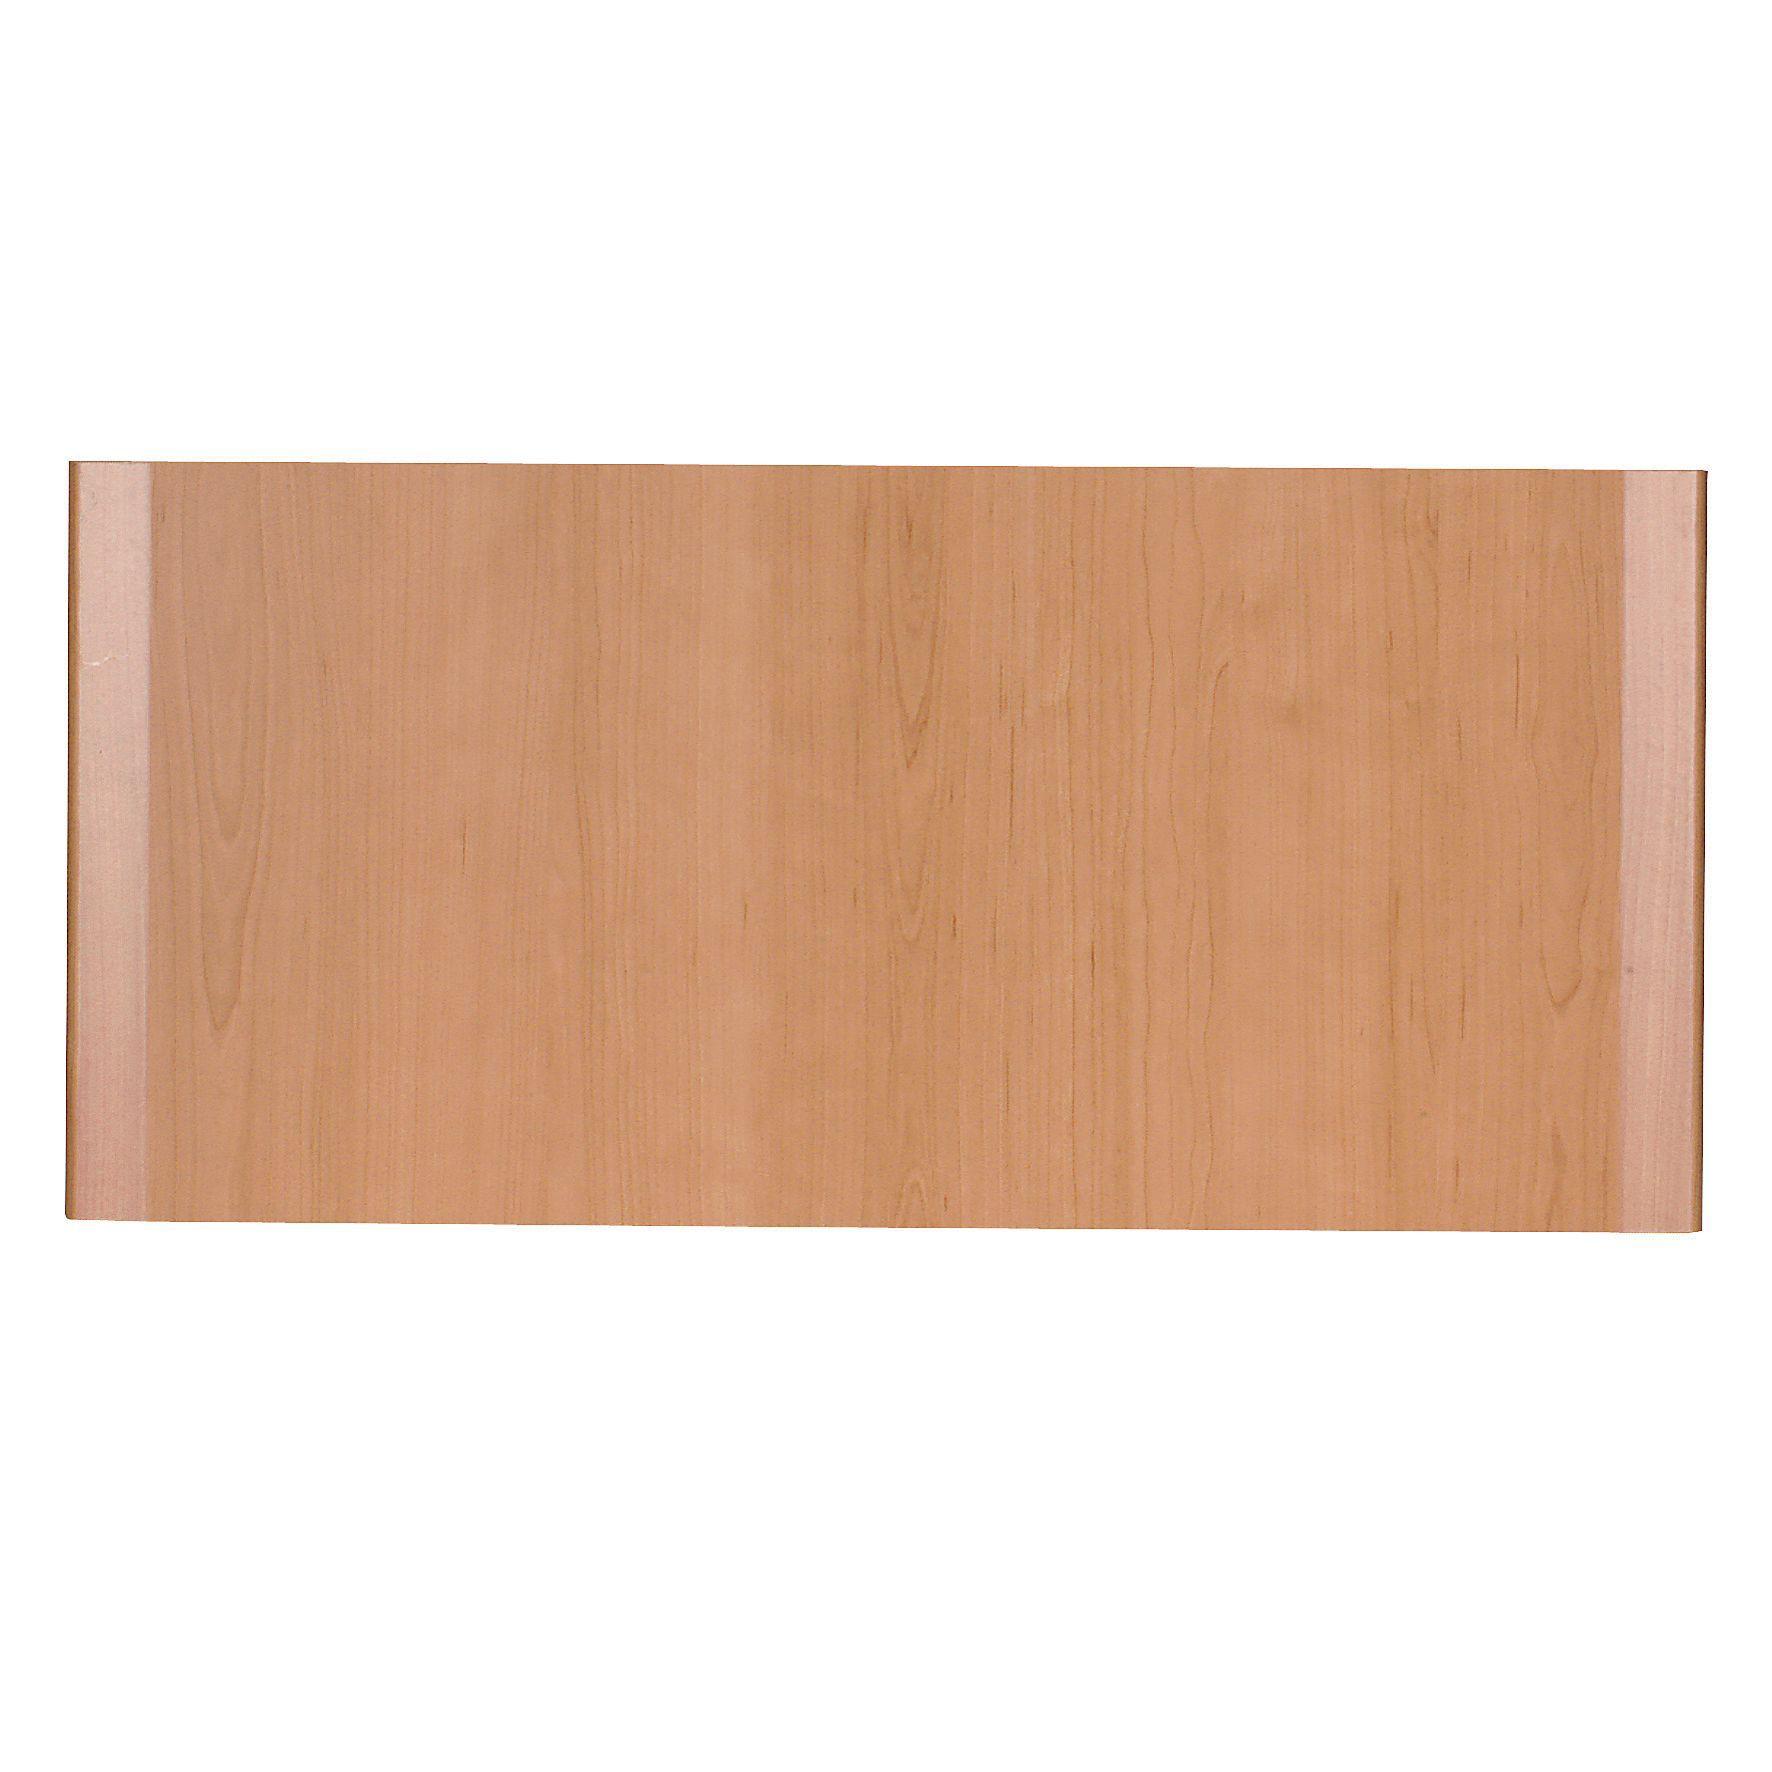 It kitchens sandford cherry effect modern bridging door w for Kitchen bridging units 600mm